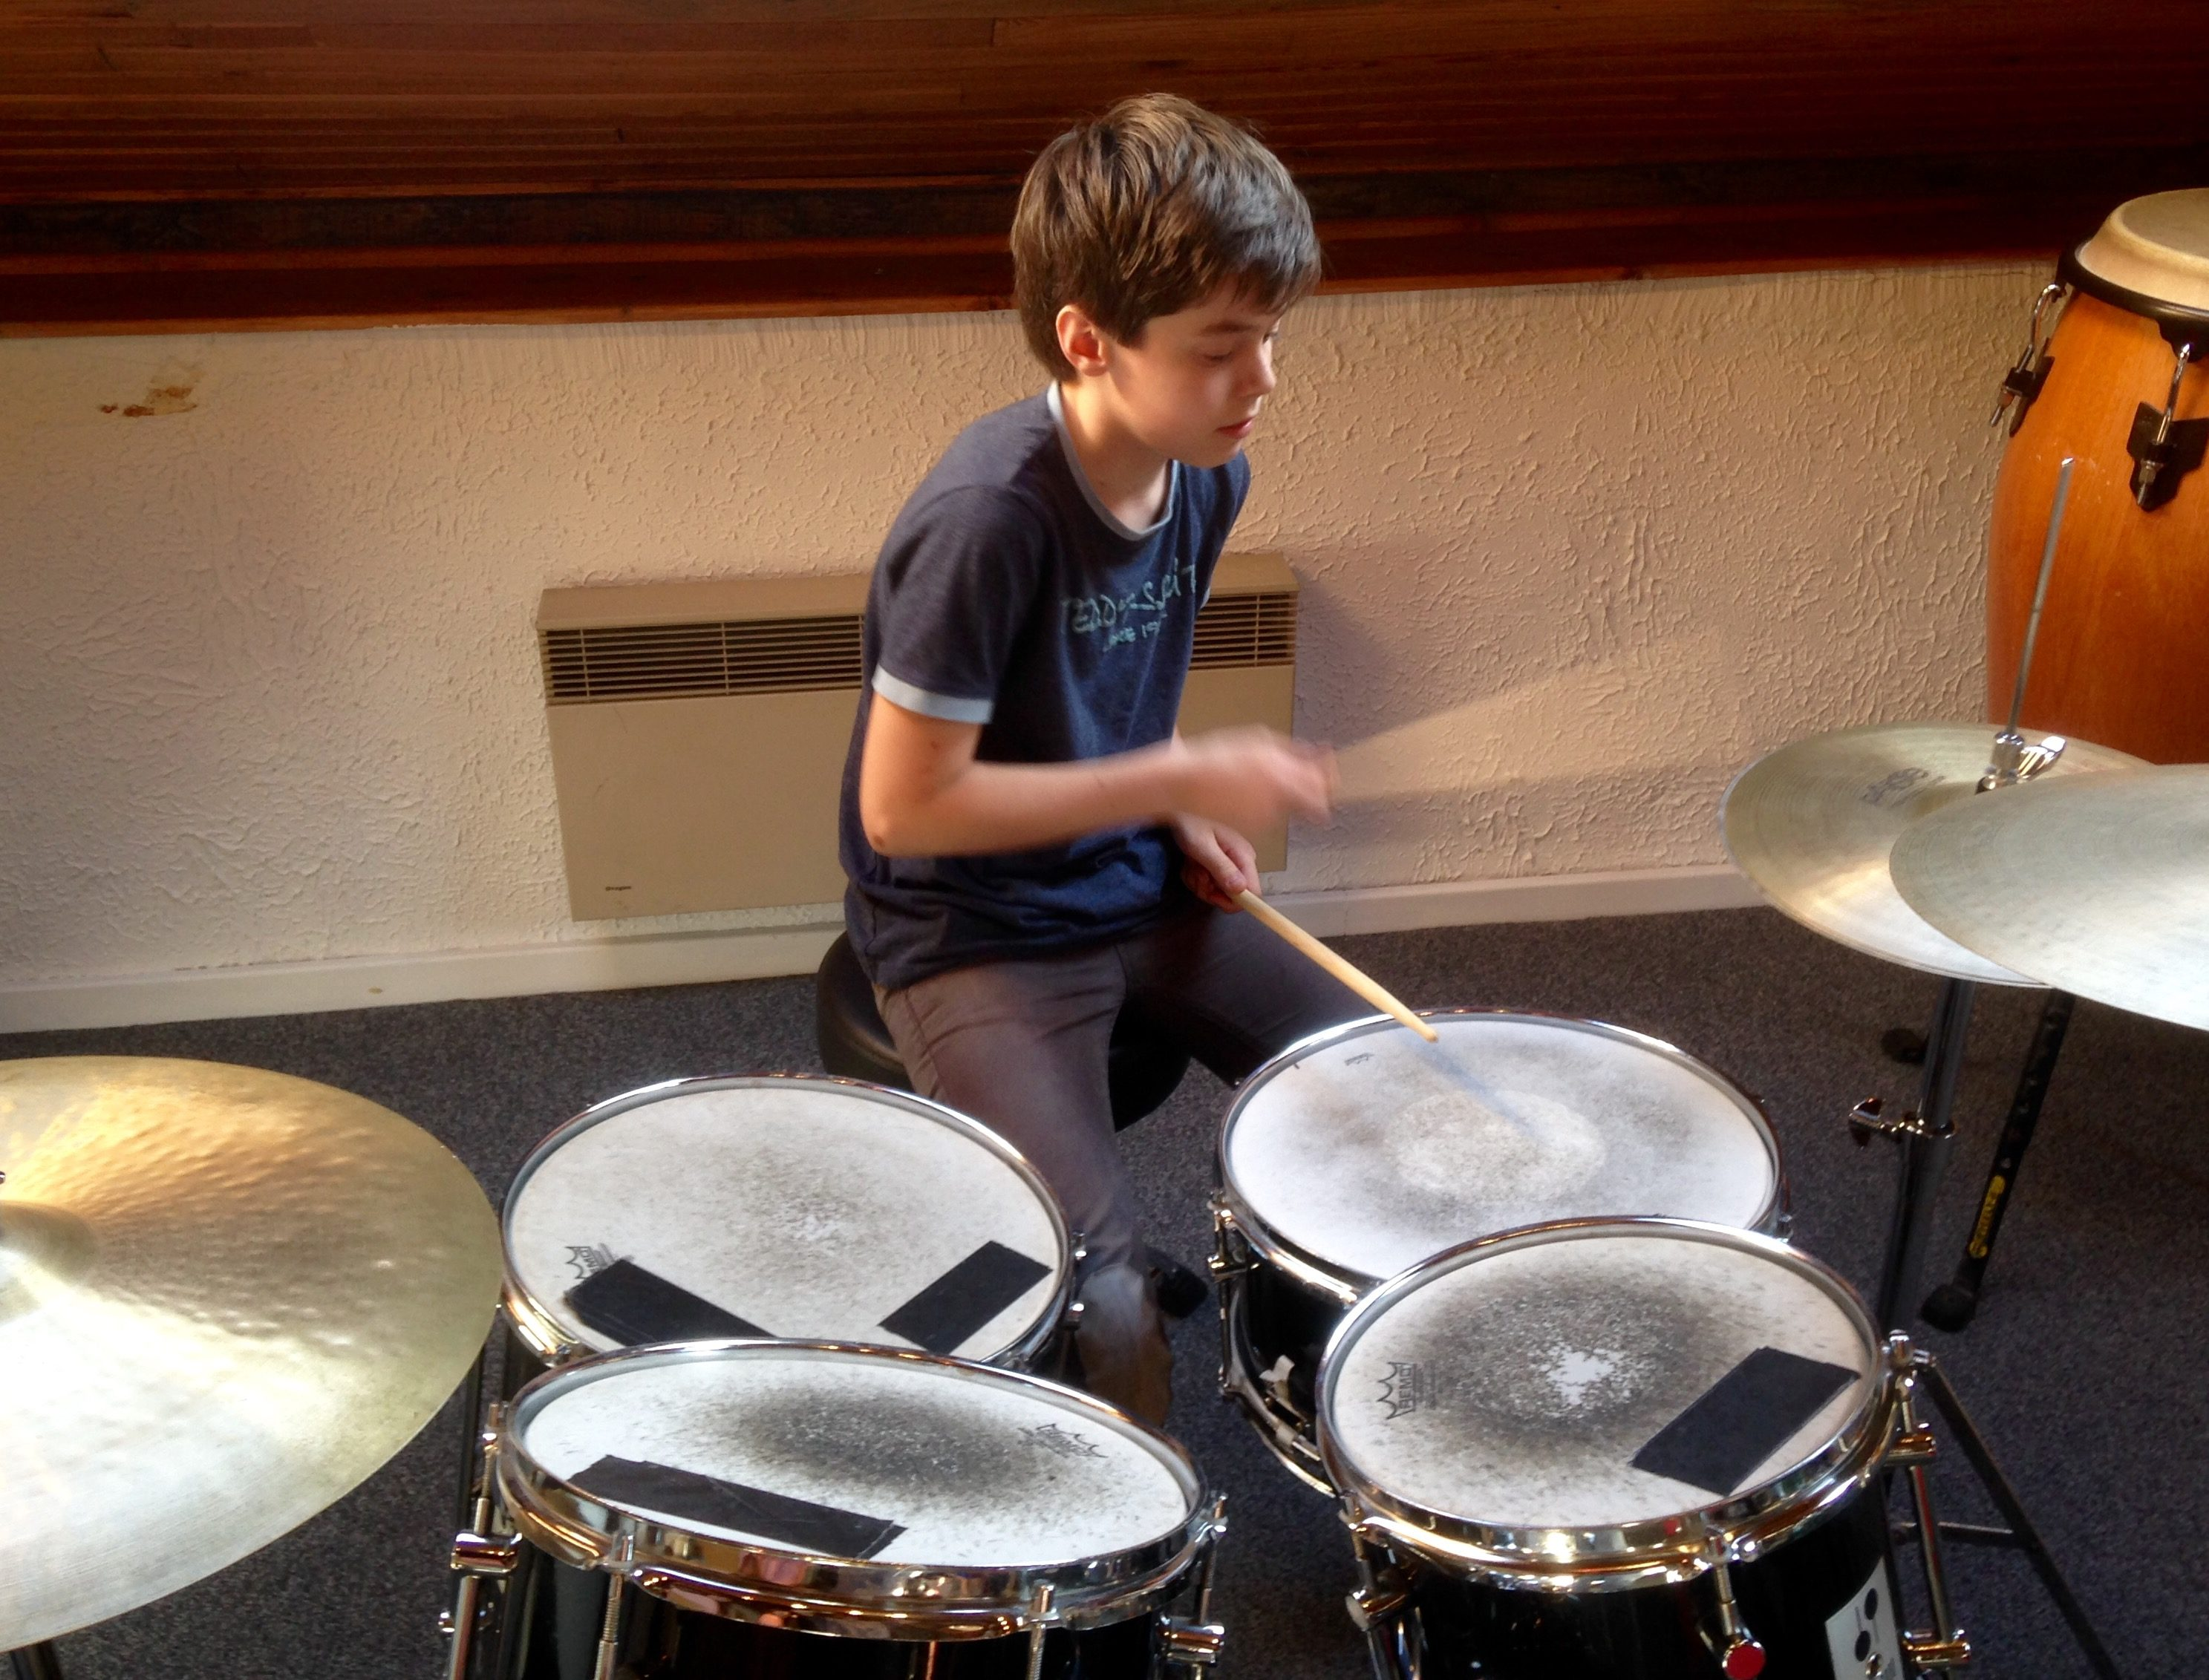 Timéo Picard classe de 5ème5 joue de la batterie tous les mercredis à l'EMIJ